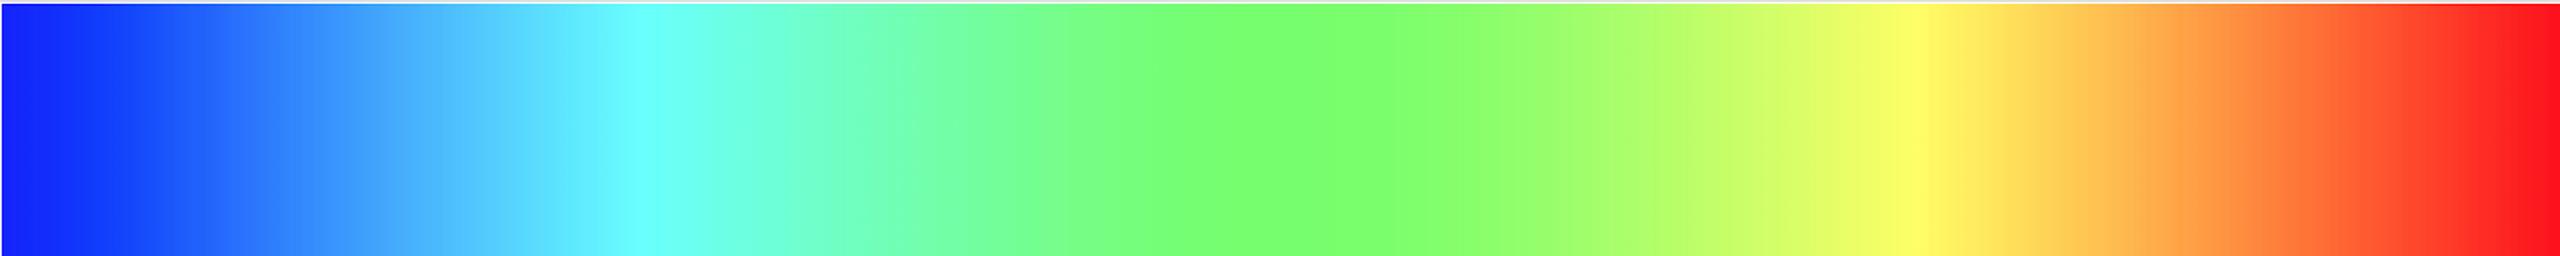 screen-shot-2016-12-11-at-3-22-09-pm